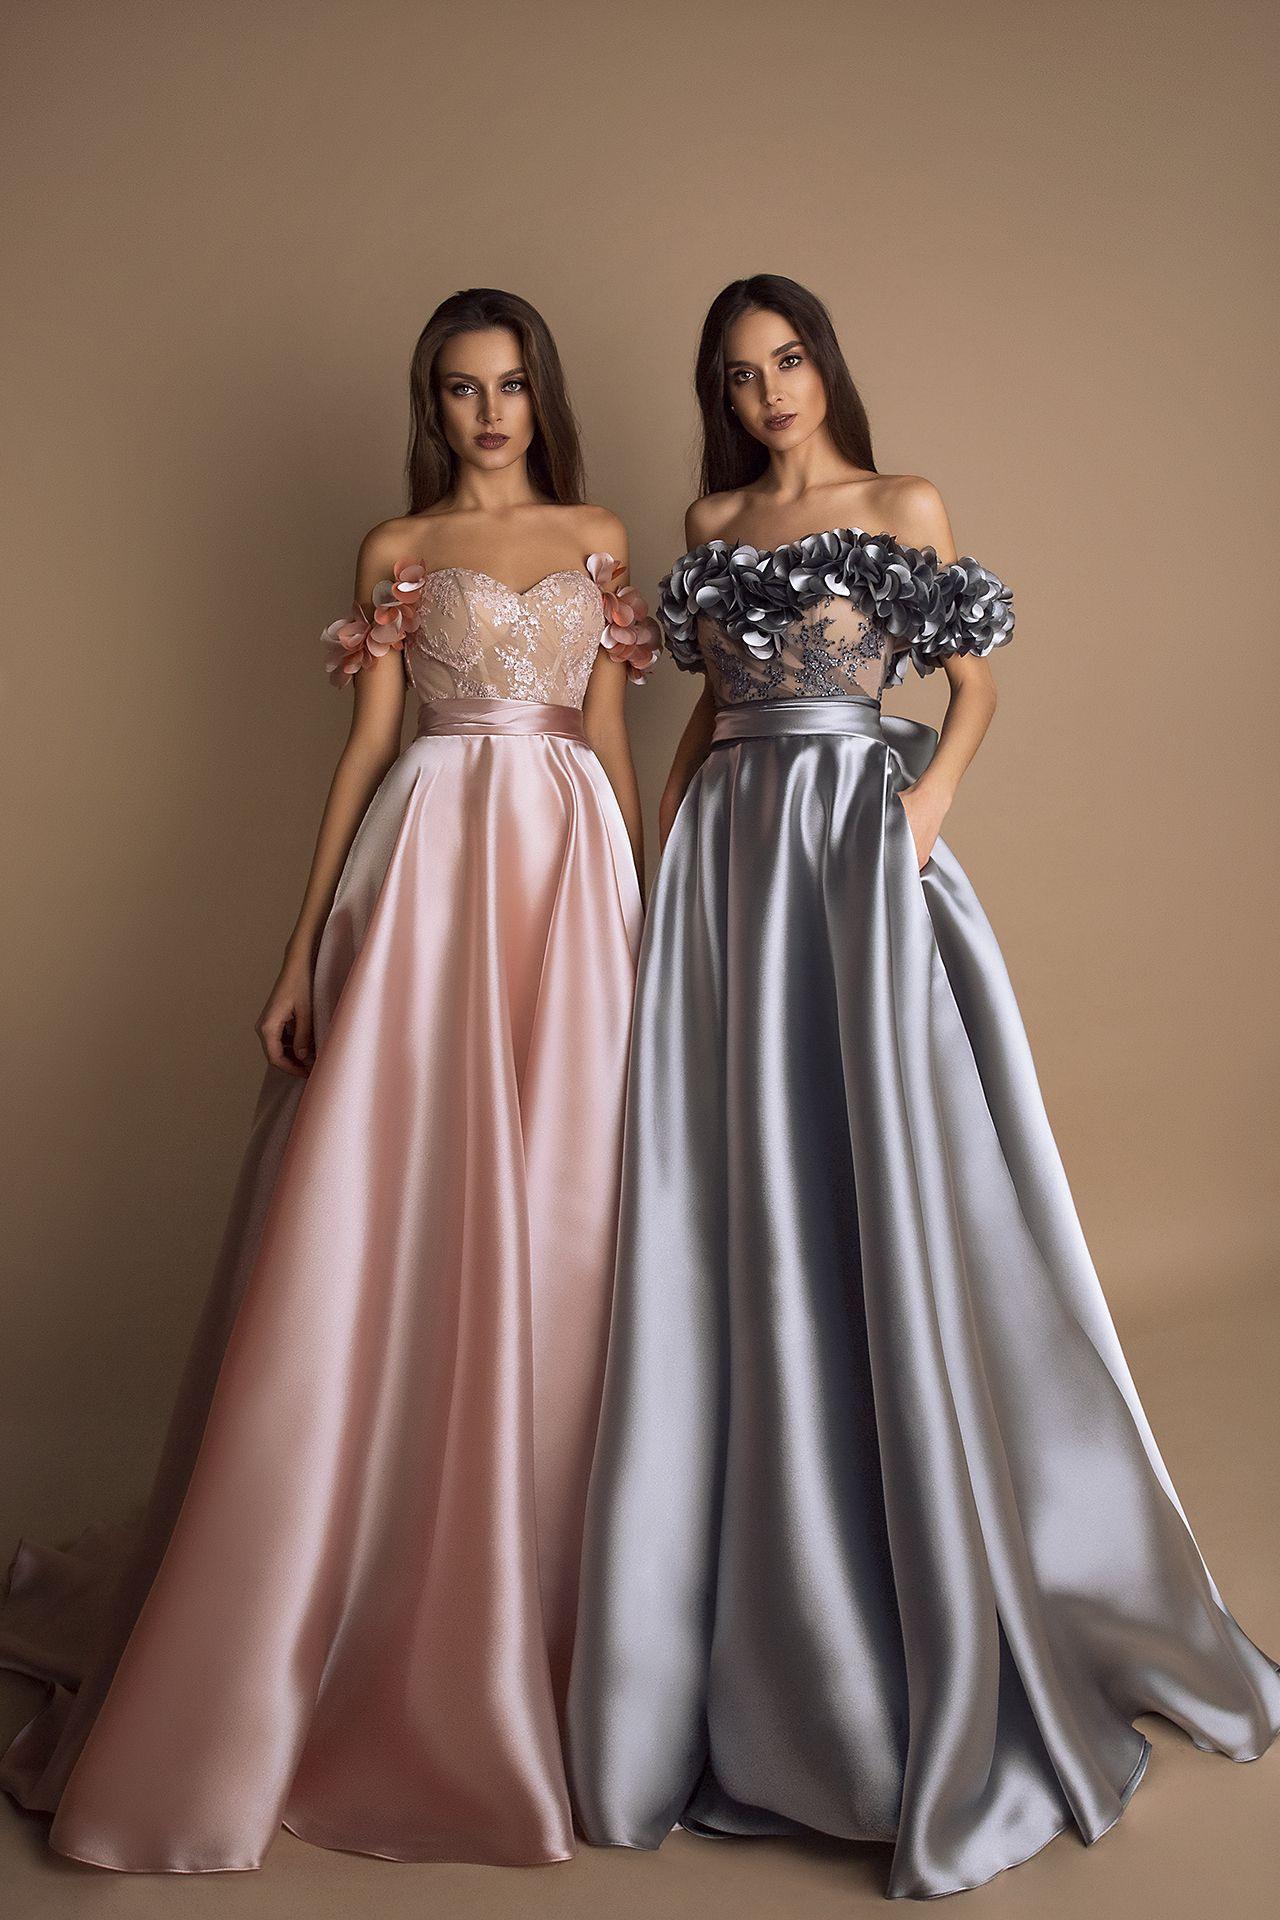 Designer Einzigartig Abend Kleider Xs SpezialgebietDesigner Ausgezeichnet Abend Kleider Xs Stylish